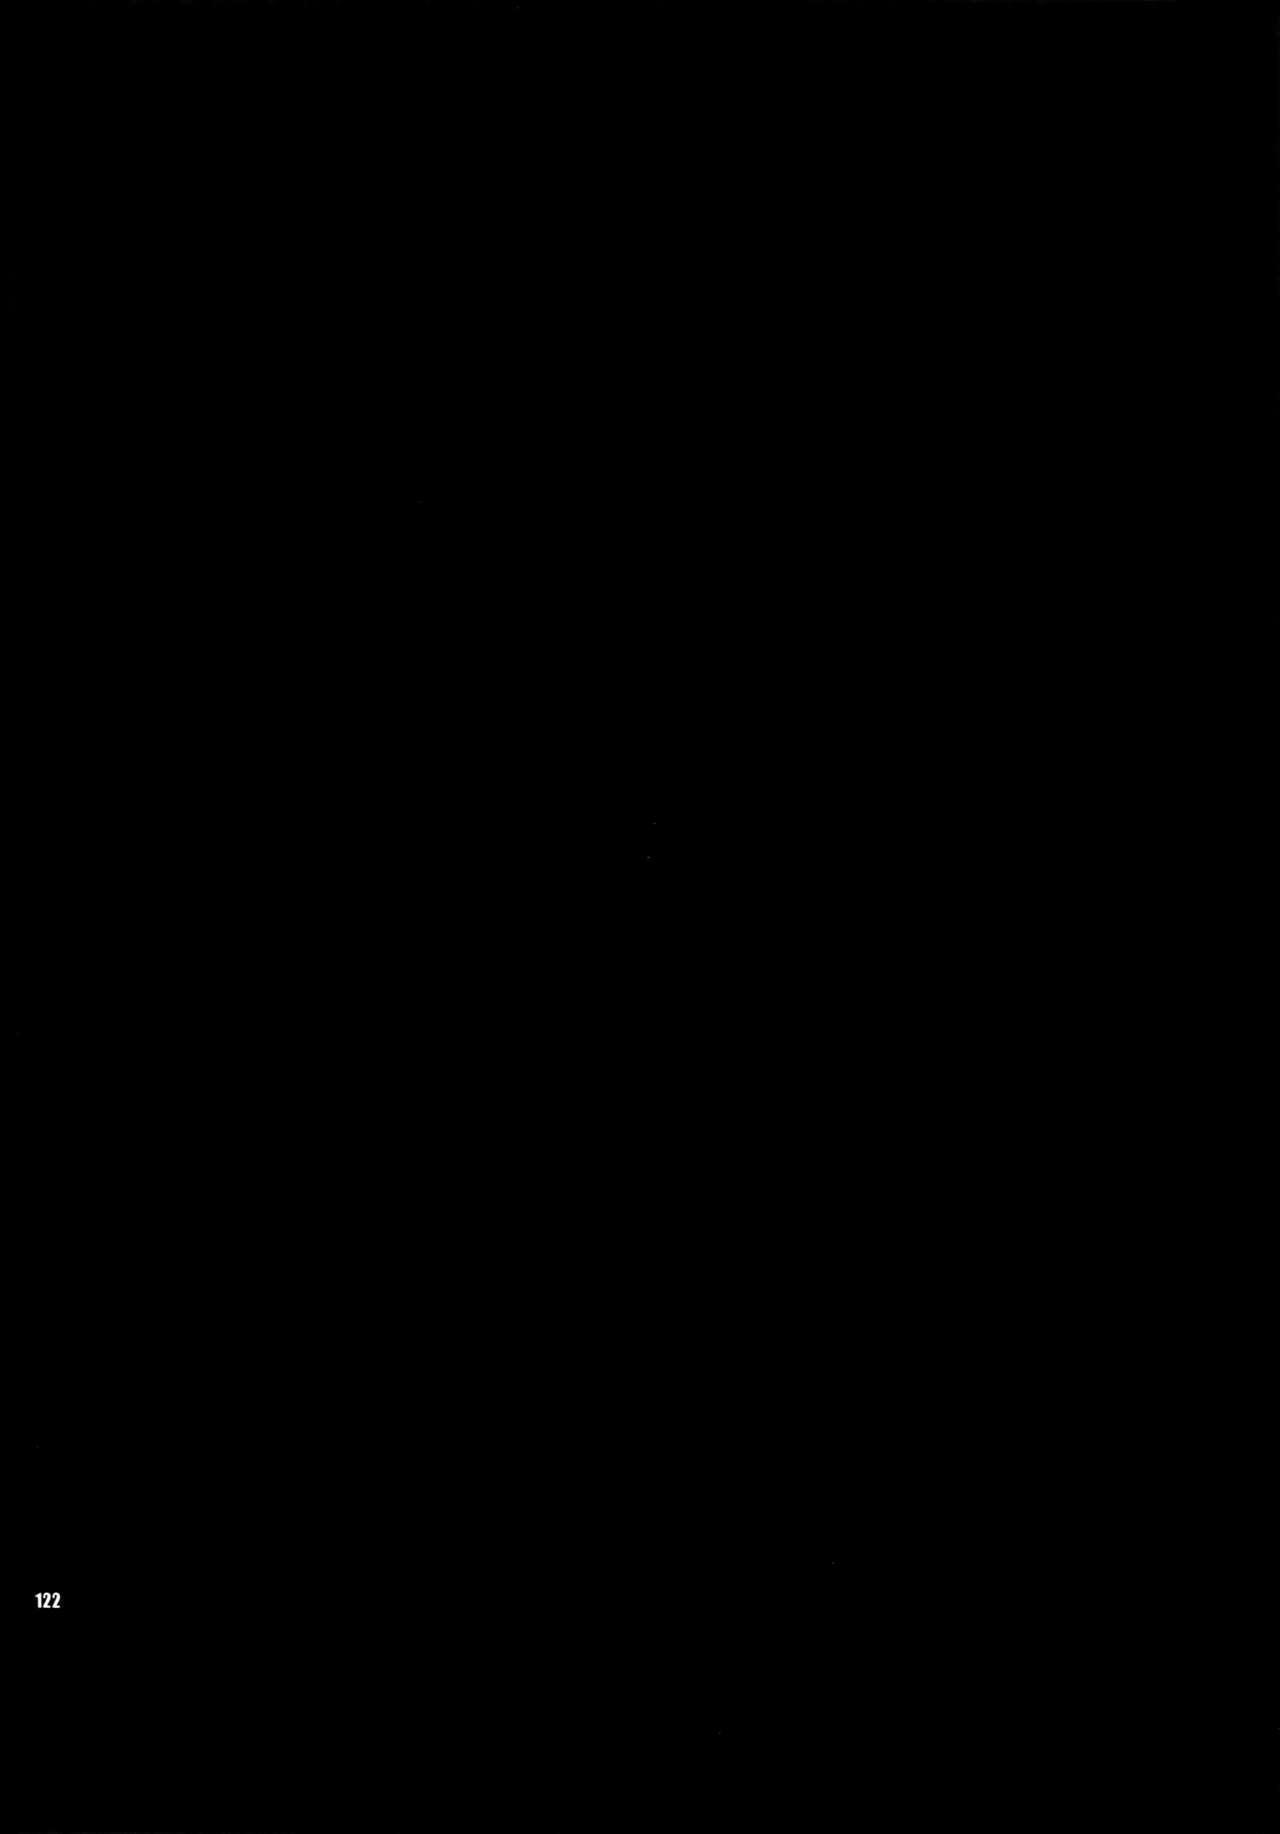 Sairoku 120